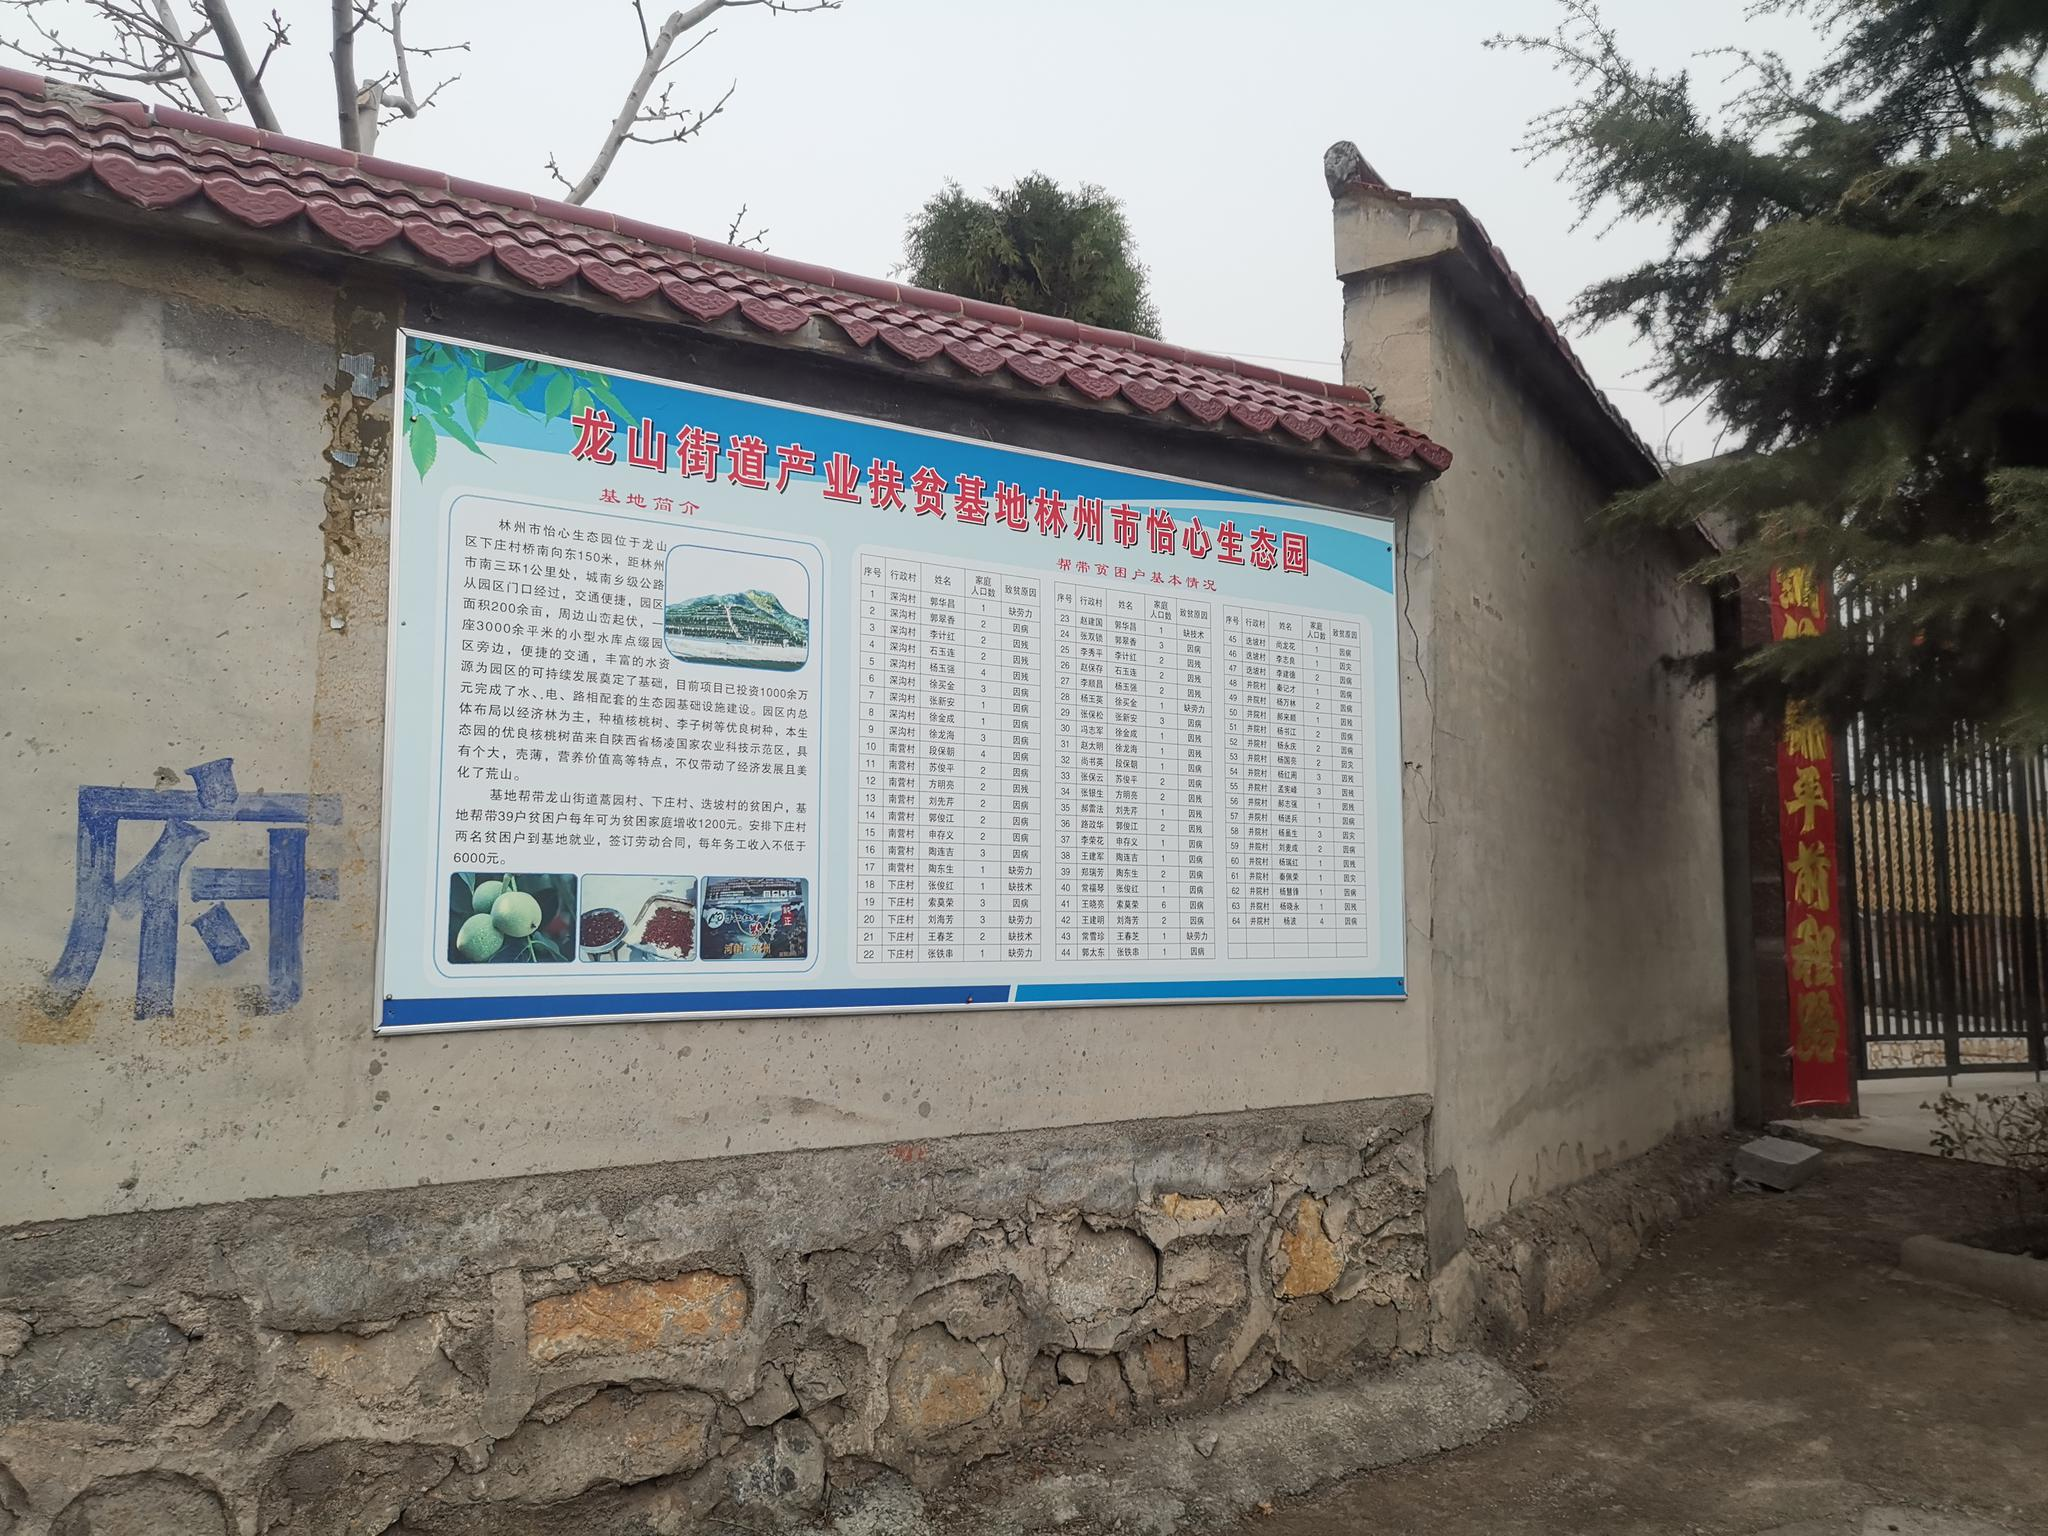 怡心生态园简介显示,园区布局经济林,带动经济美化荒山。新京报记者⠧苤摄